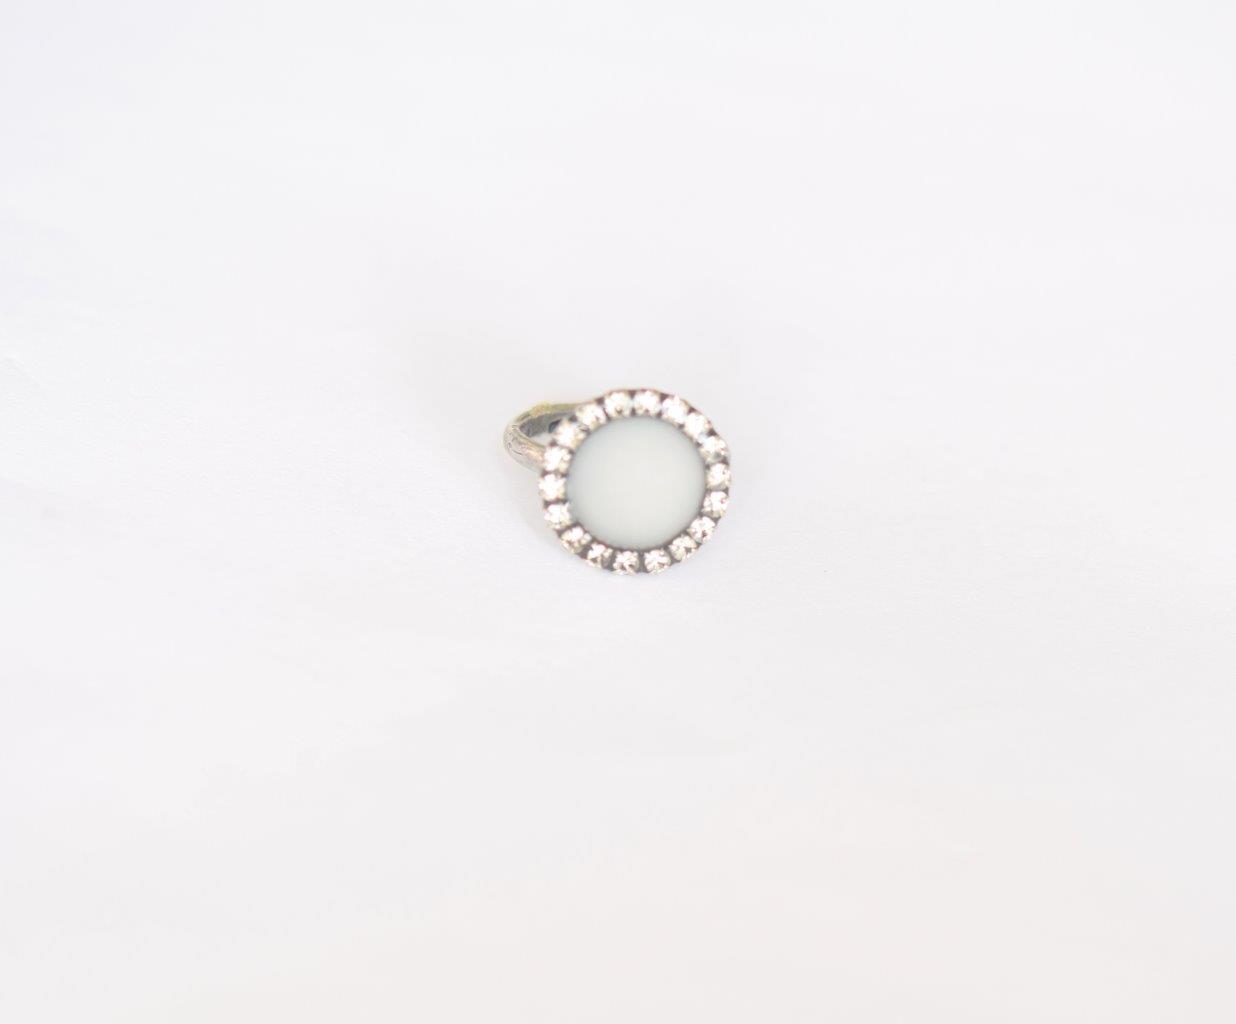 טבעת טיילור כסף מושחר- שביל החלב-תכשיטים למניקות